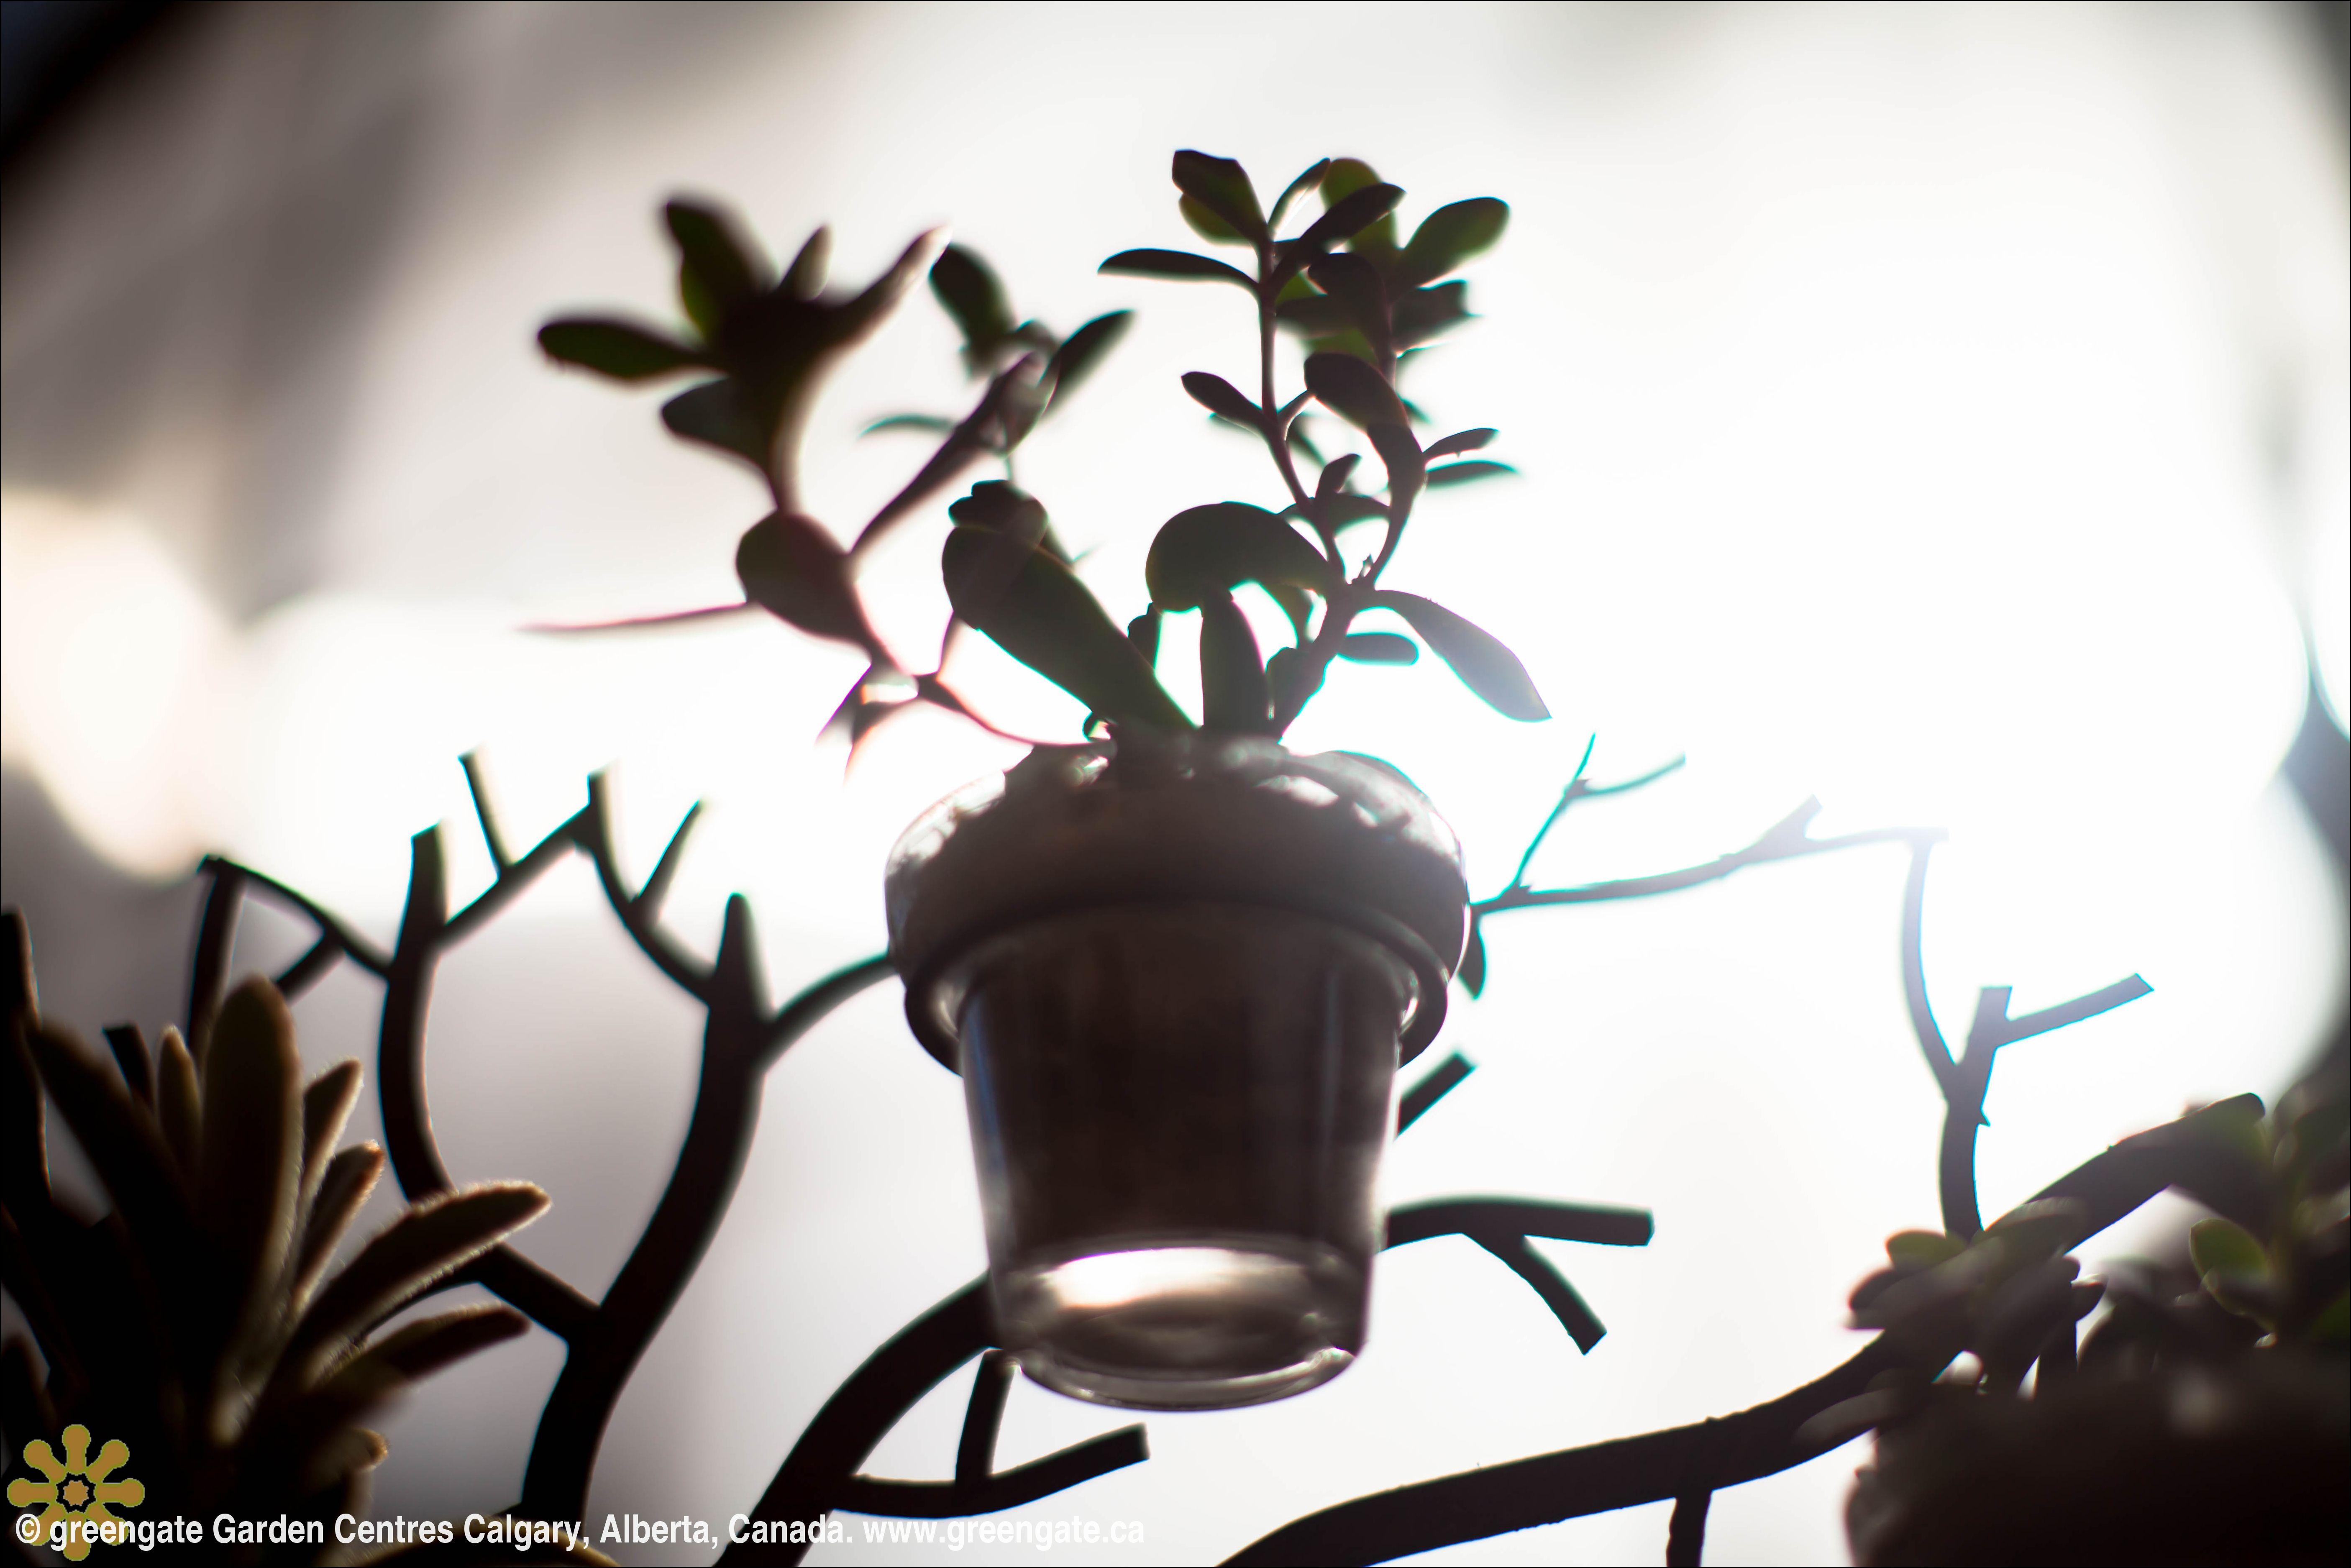 greengate Garden Centres terrarium. Garden center